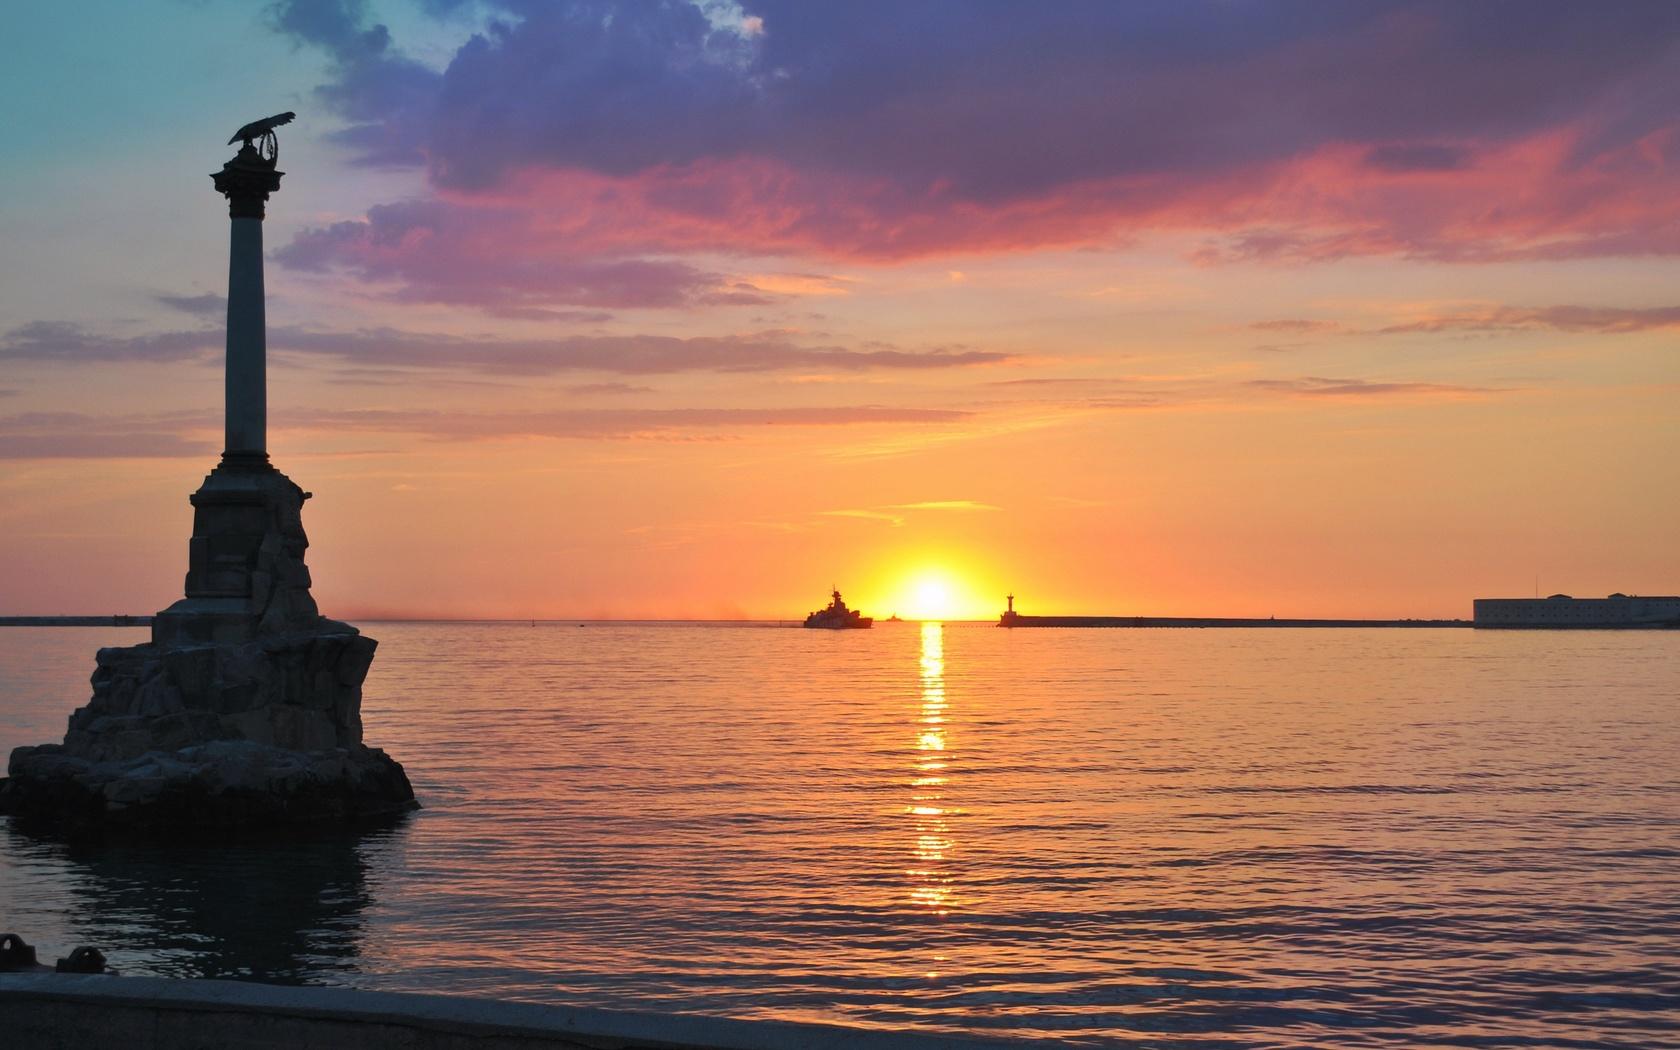 севастополь, памятник, затопленным, кораблям, черное море, вечер